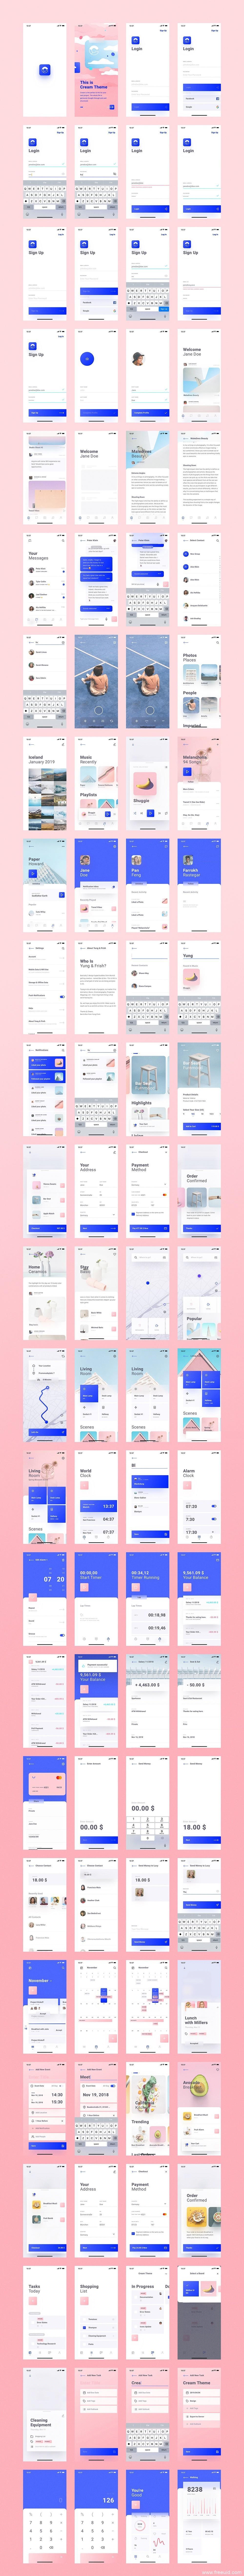 100张图片社交类app UIkit源文件,UI素材下载,sketch源文件